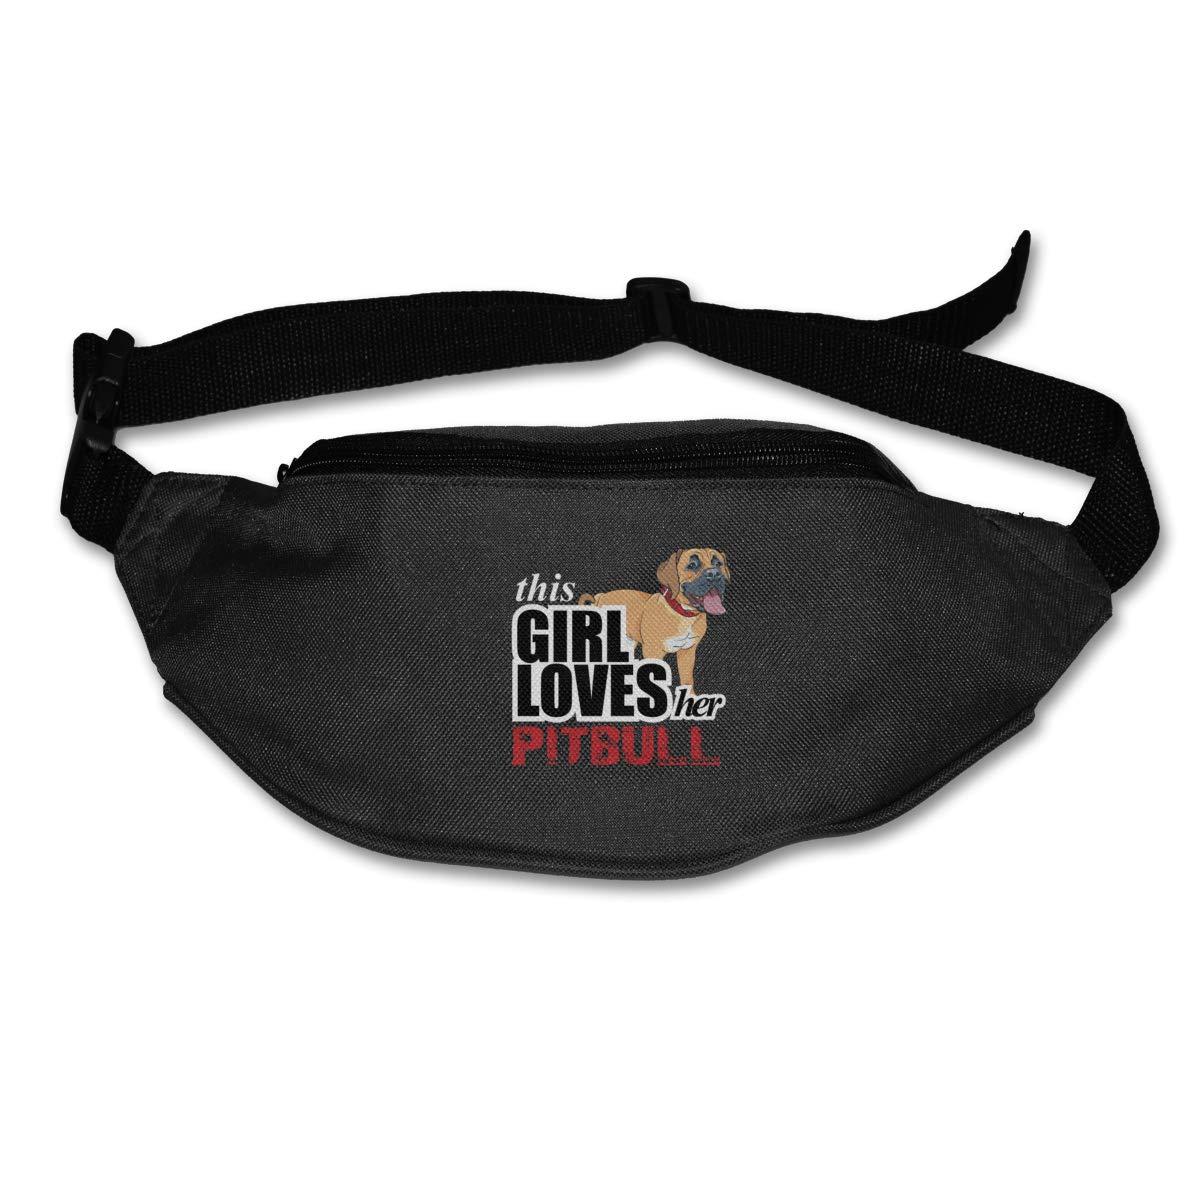 This Girl Loves Her Pit Bull Sport Waist Packs Fanny Pack Adjustable For Hike